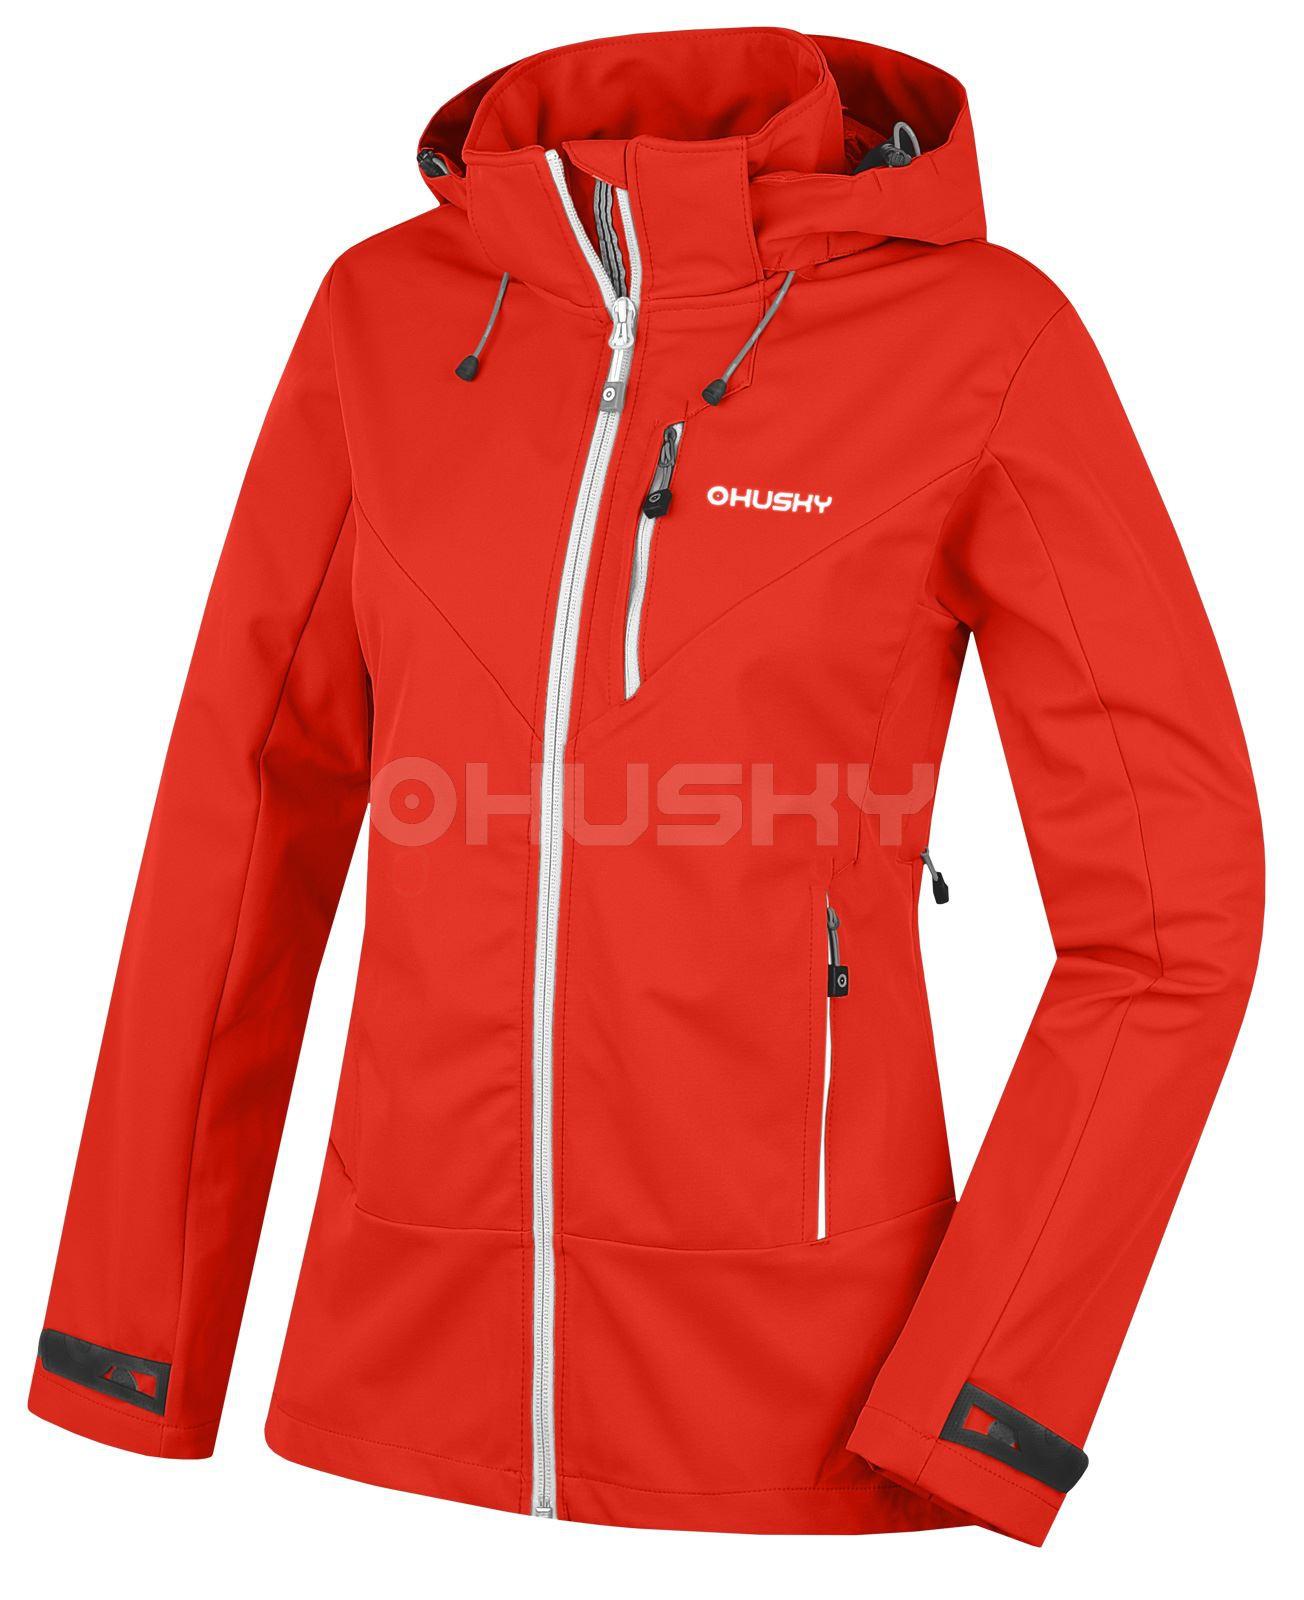 Husky Dámská outdoor bunda Spoly L červená Velikost: M